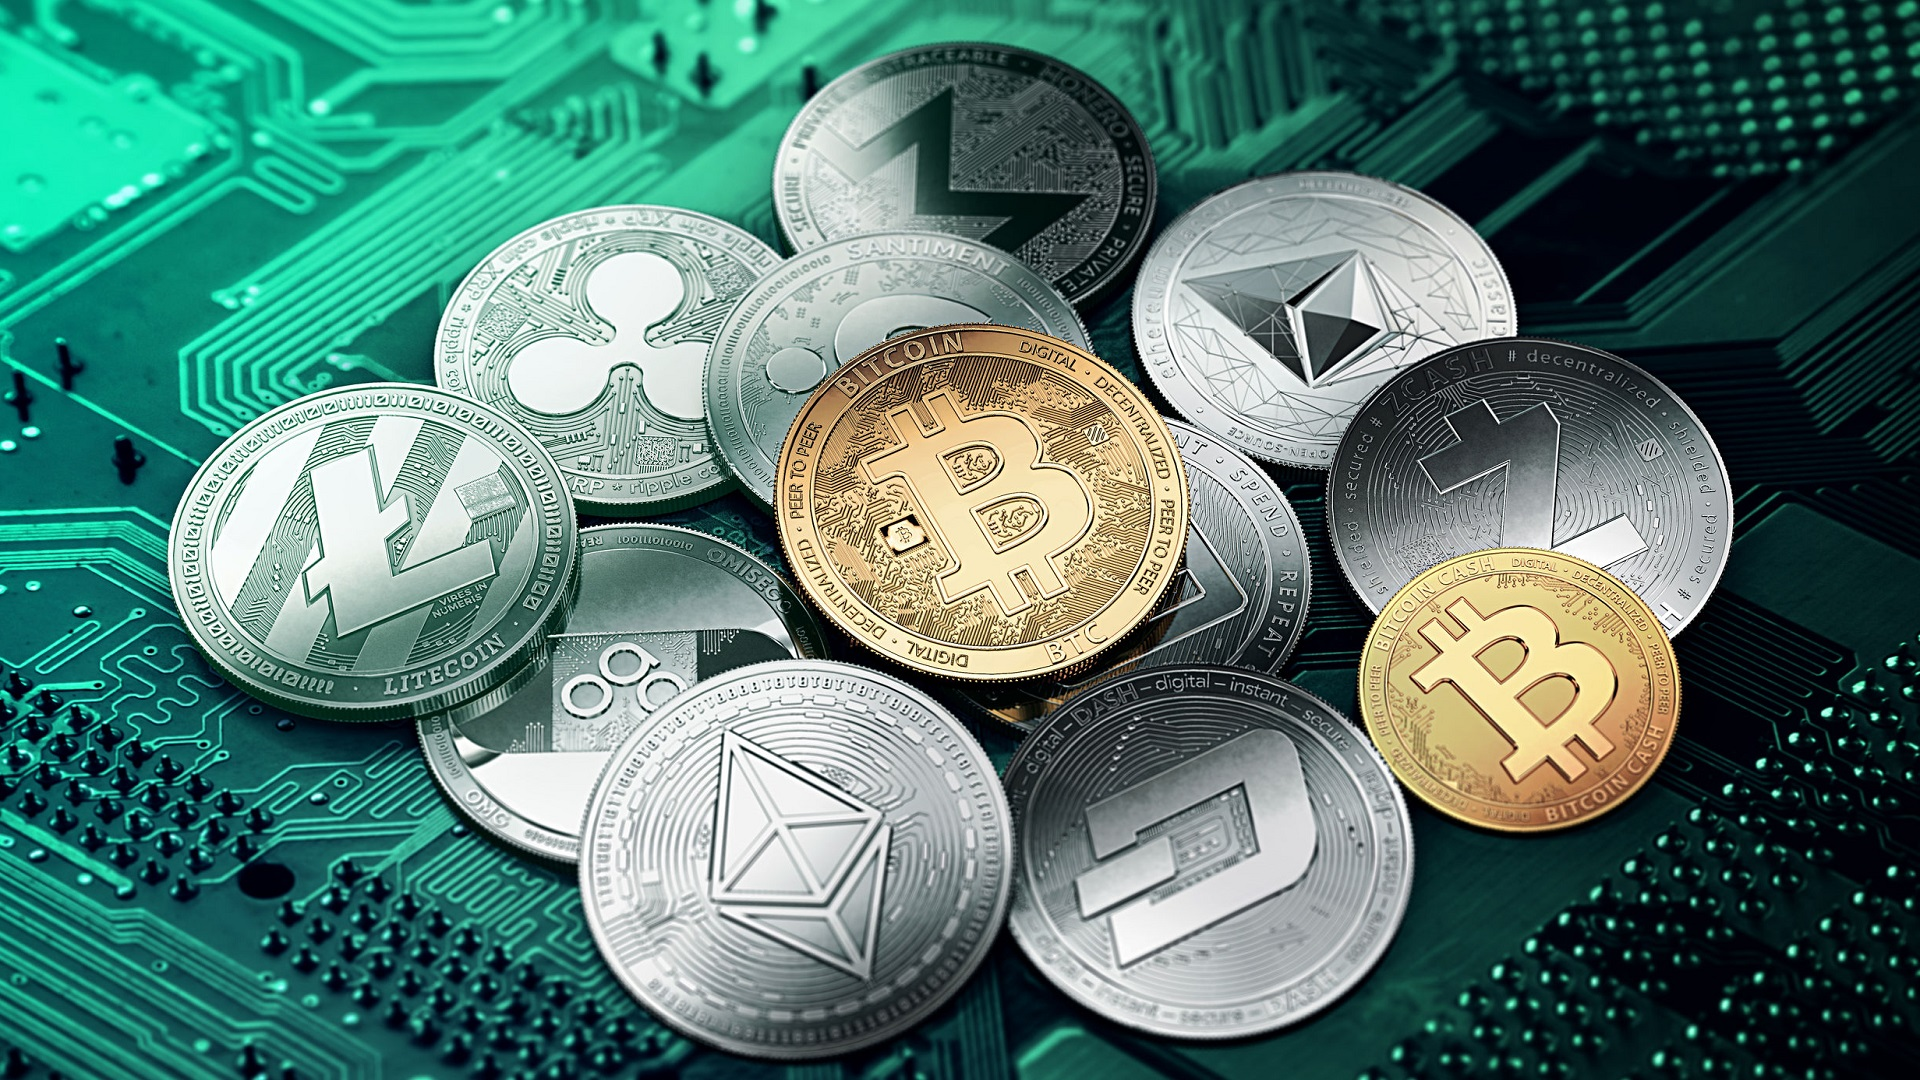 vélemények a keresetekről a bitcoinokon